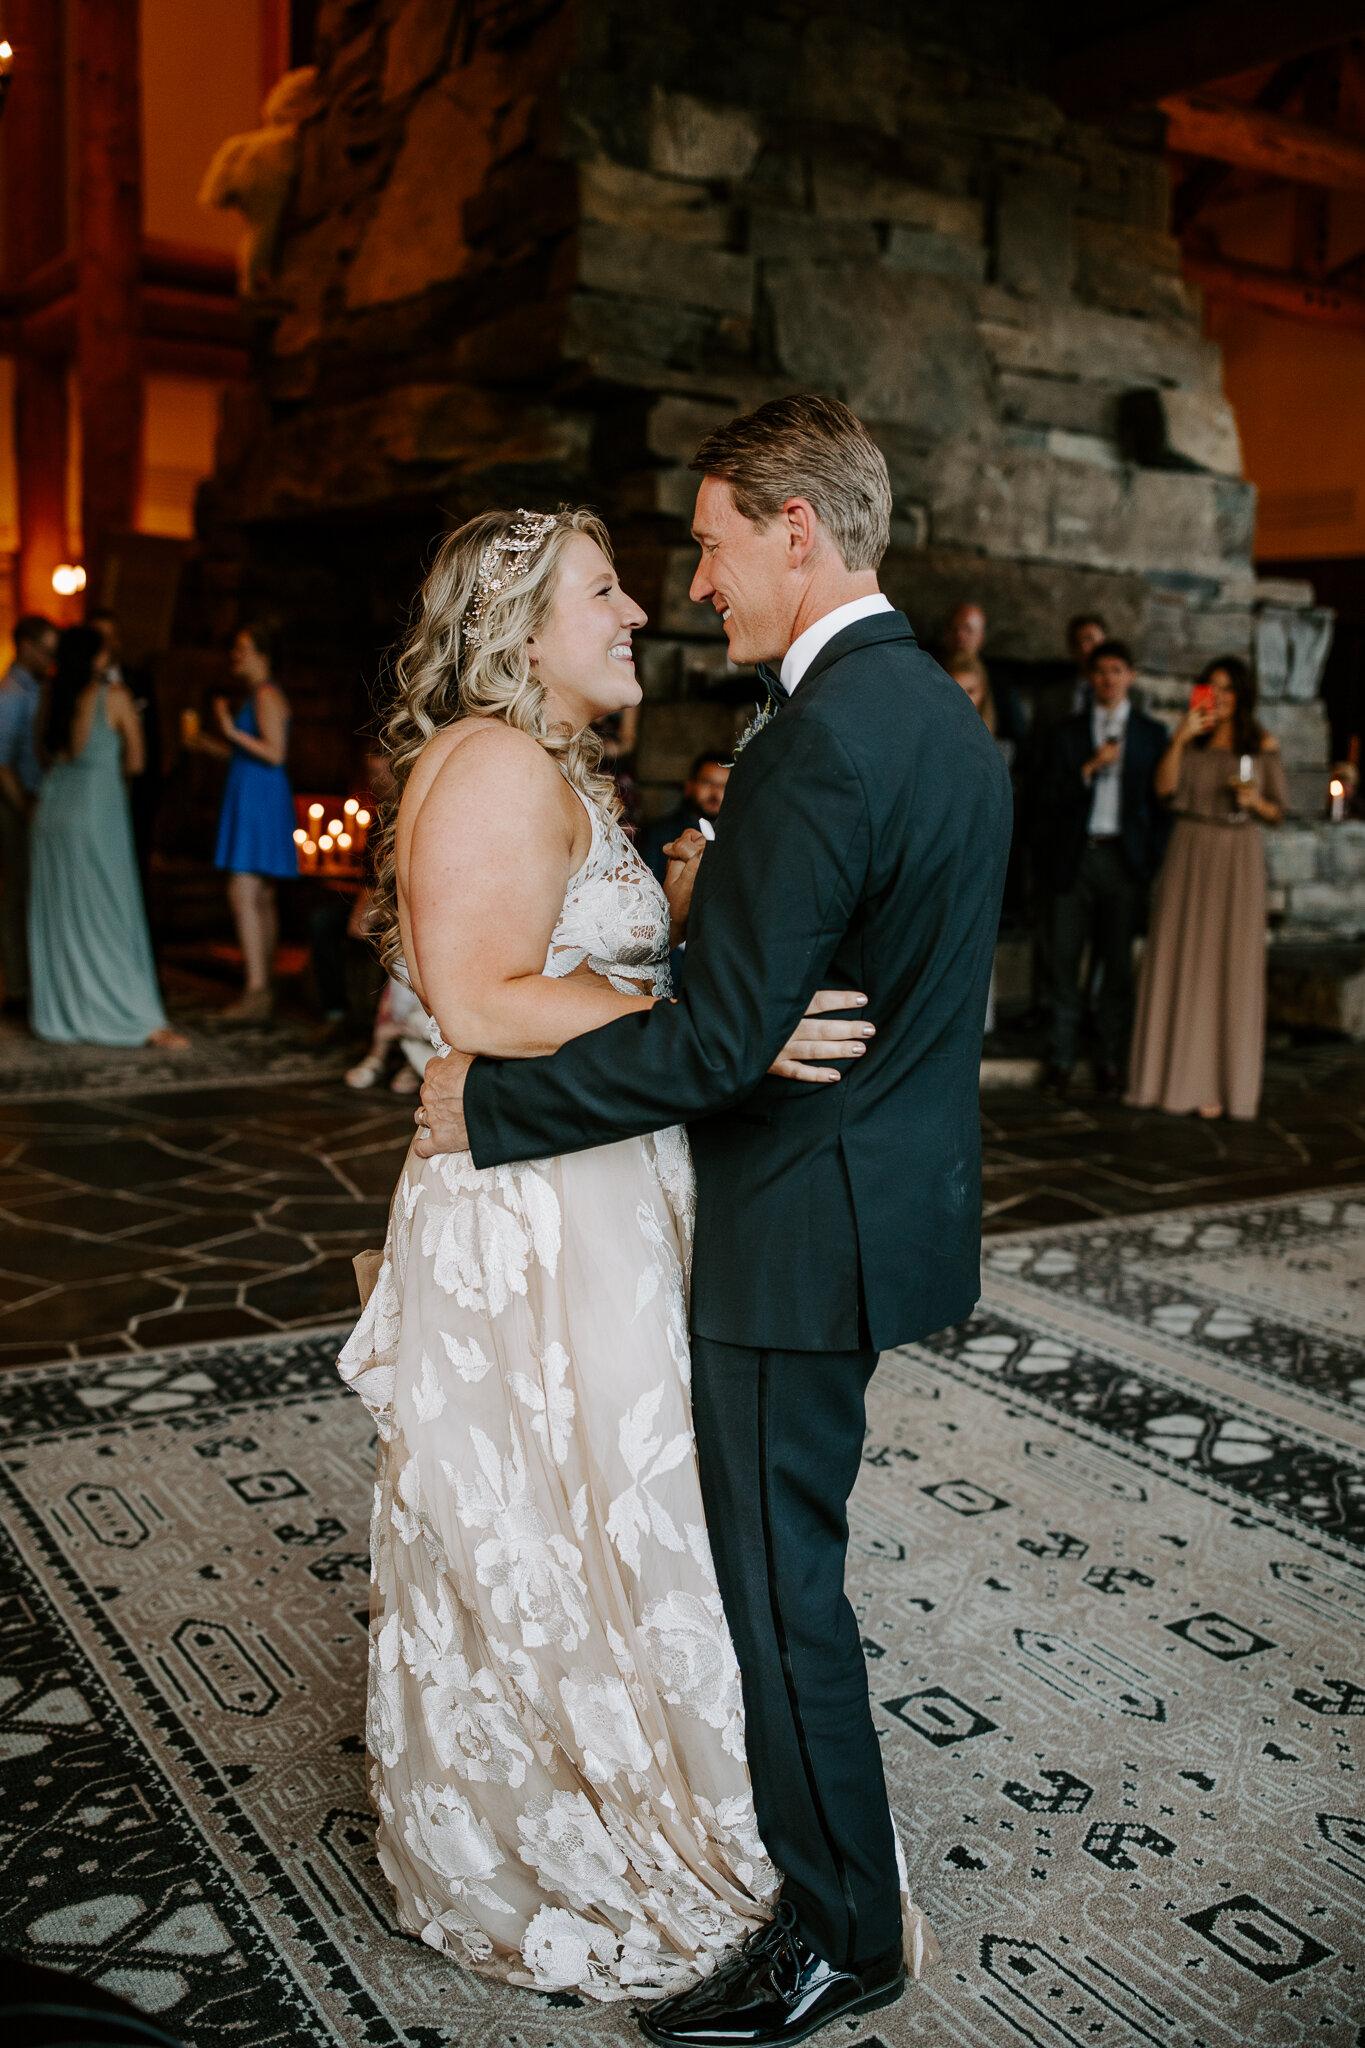 Sean & Lillian Wed | KATIEWILKECO (602 of 650).jpg